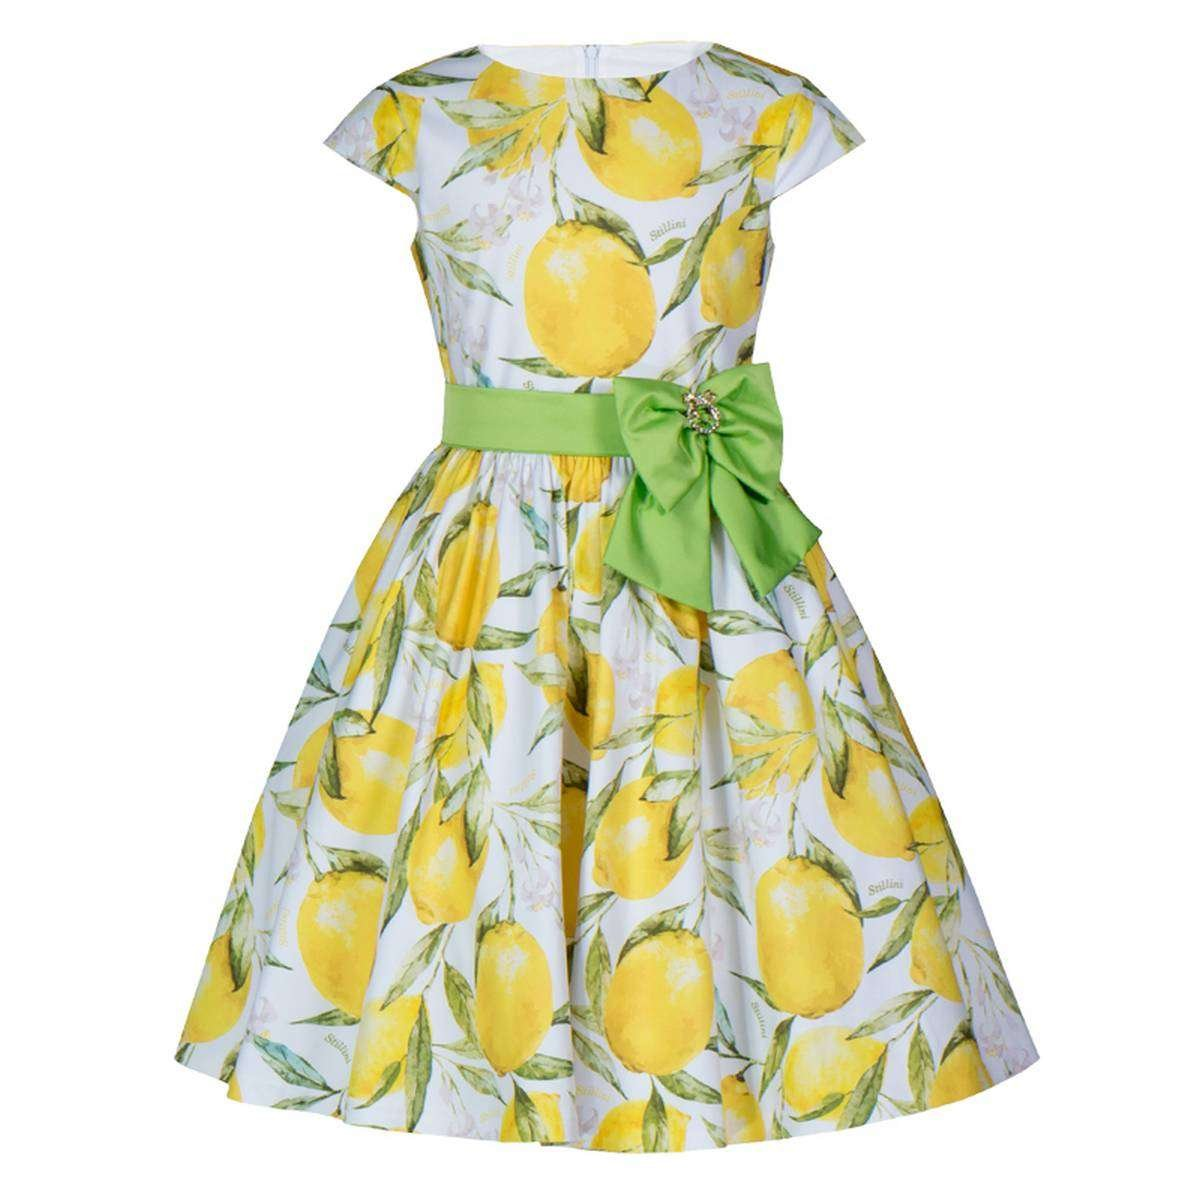 Картинки платьев для девочек на лето